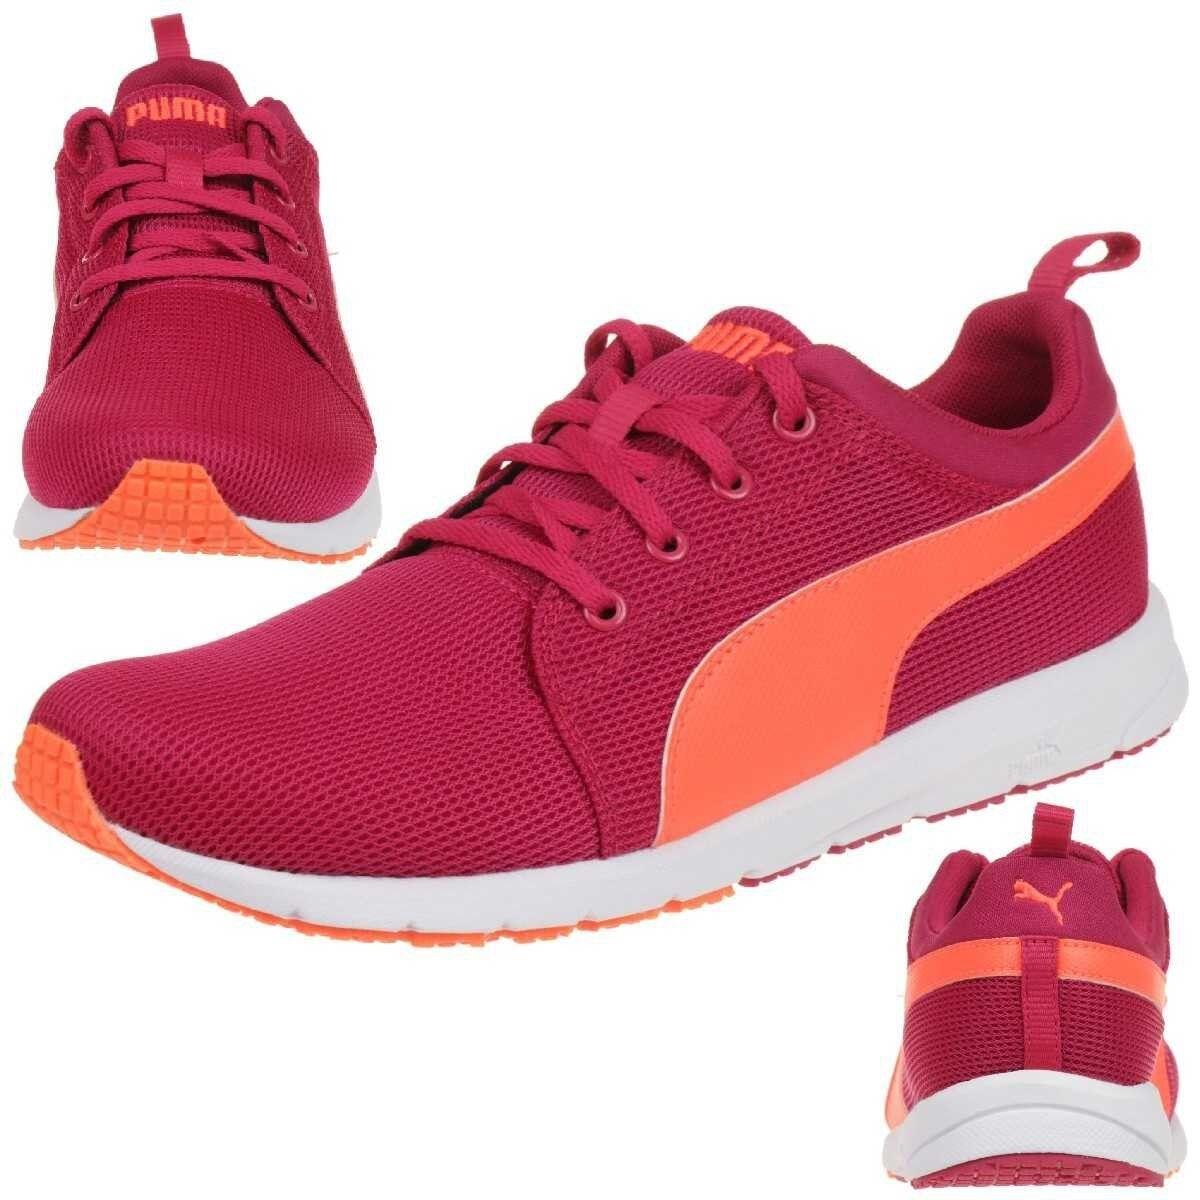 c3546be123dfa9 puma schuhe damen rot Puma Schuhe Damen Rot Test Vergleich +++ Puma Schuhe  Damen